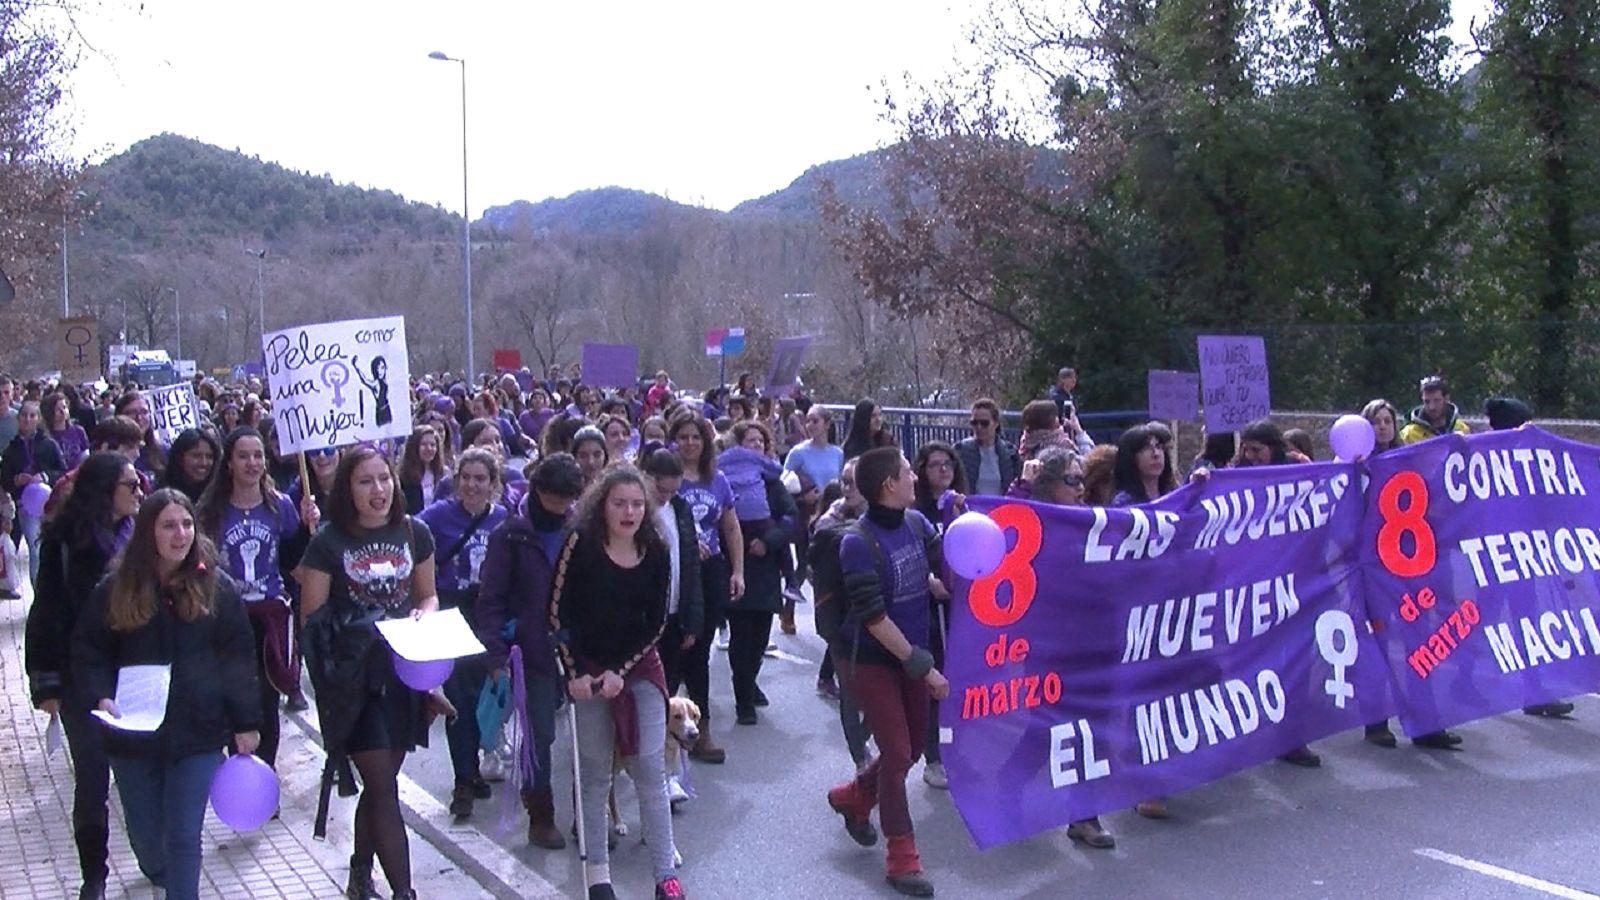 Imagen correspondiente al pasado 3 de marzo de 2018. Foto: SobrarbeDigital.